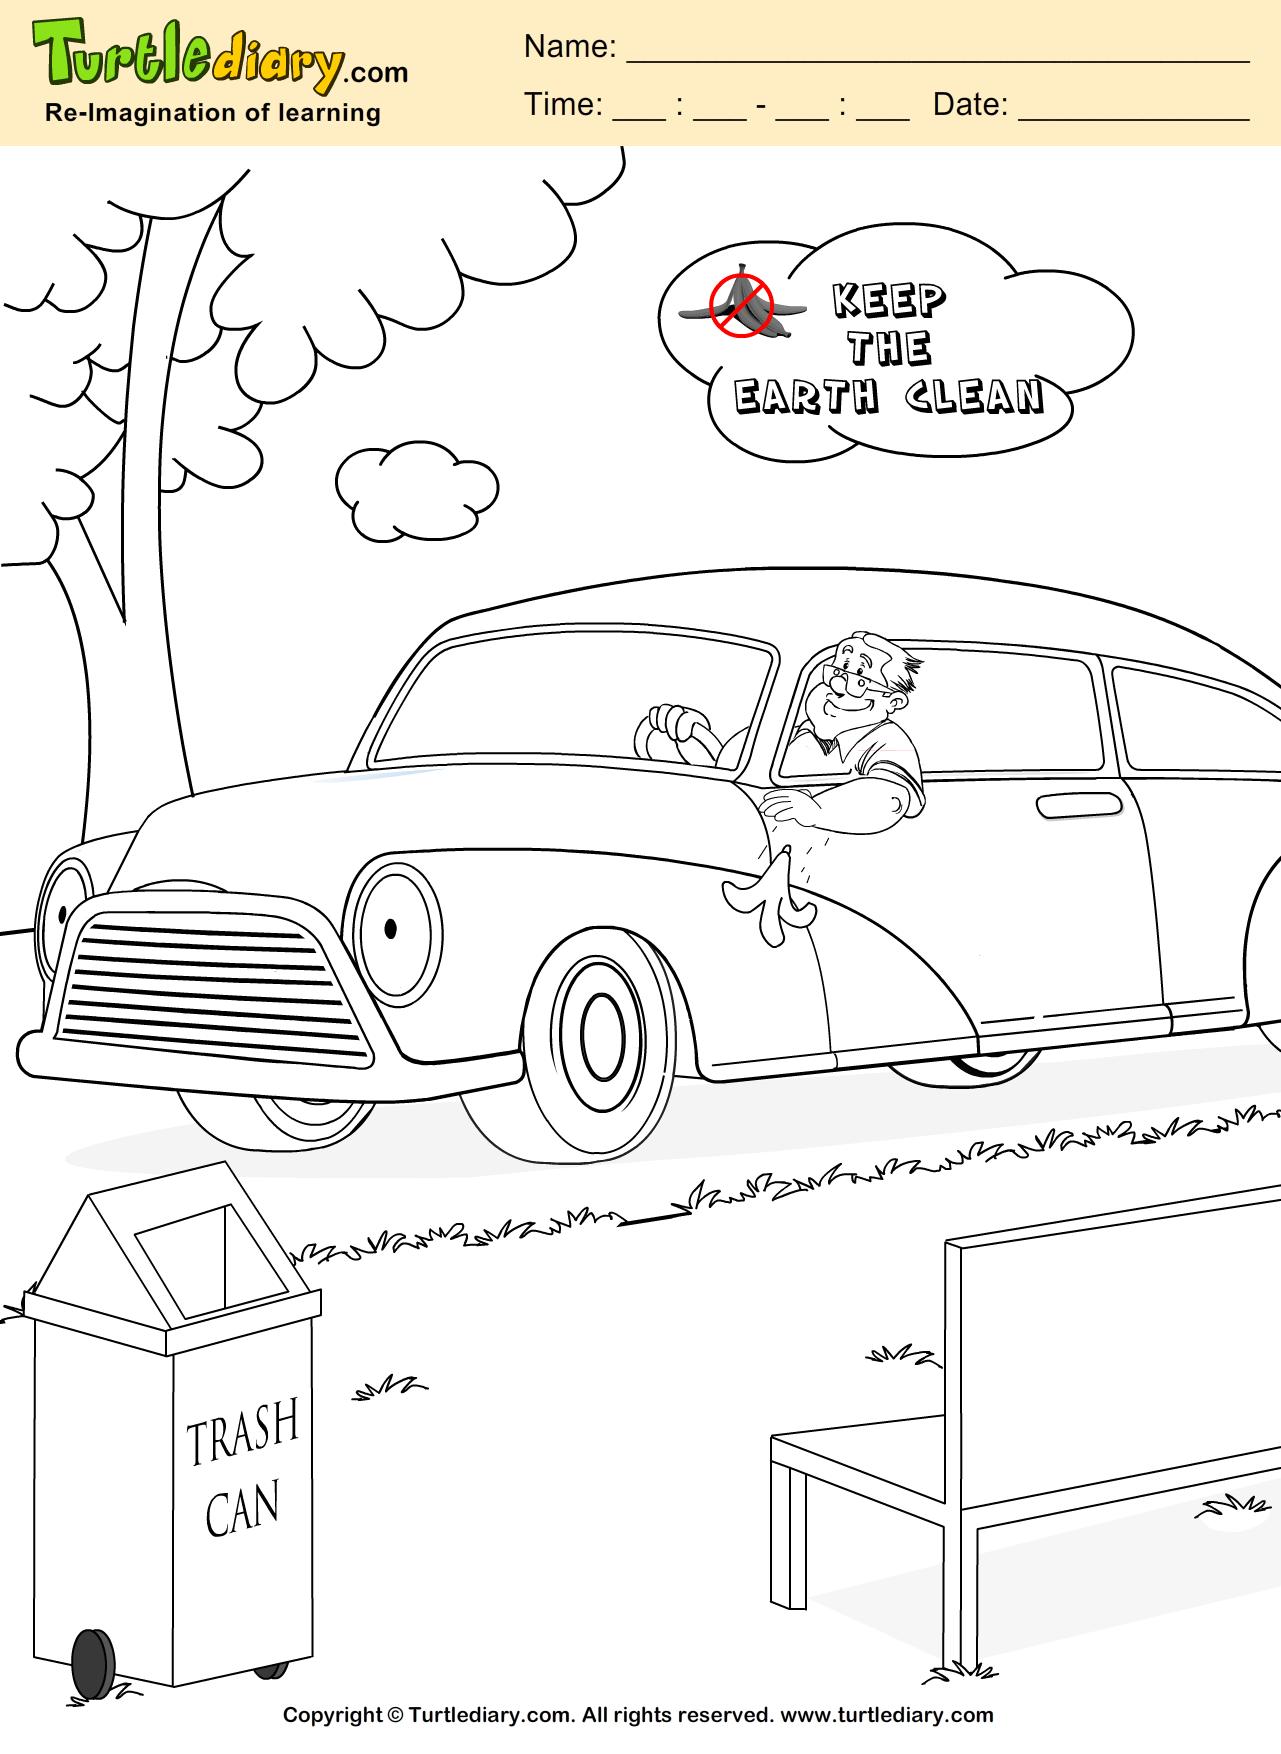 Trash Can Coloring Sheet